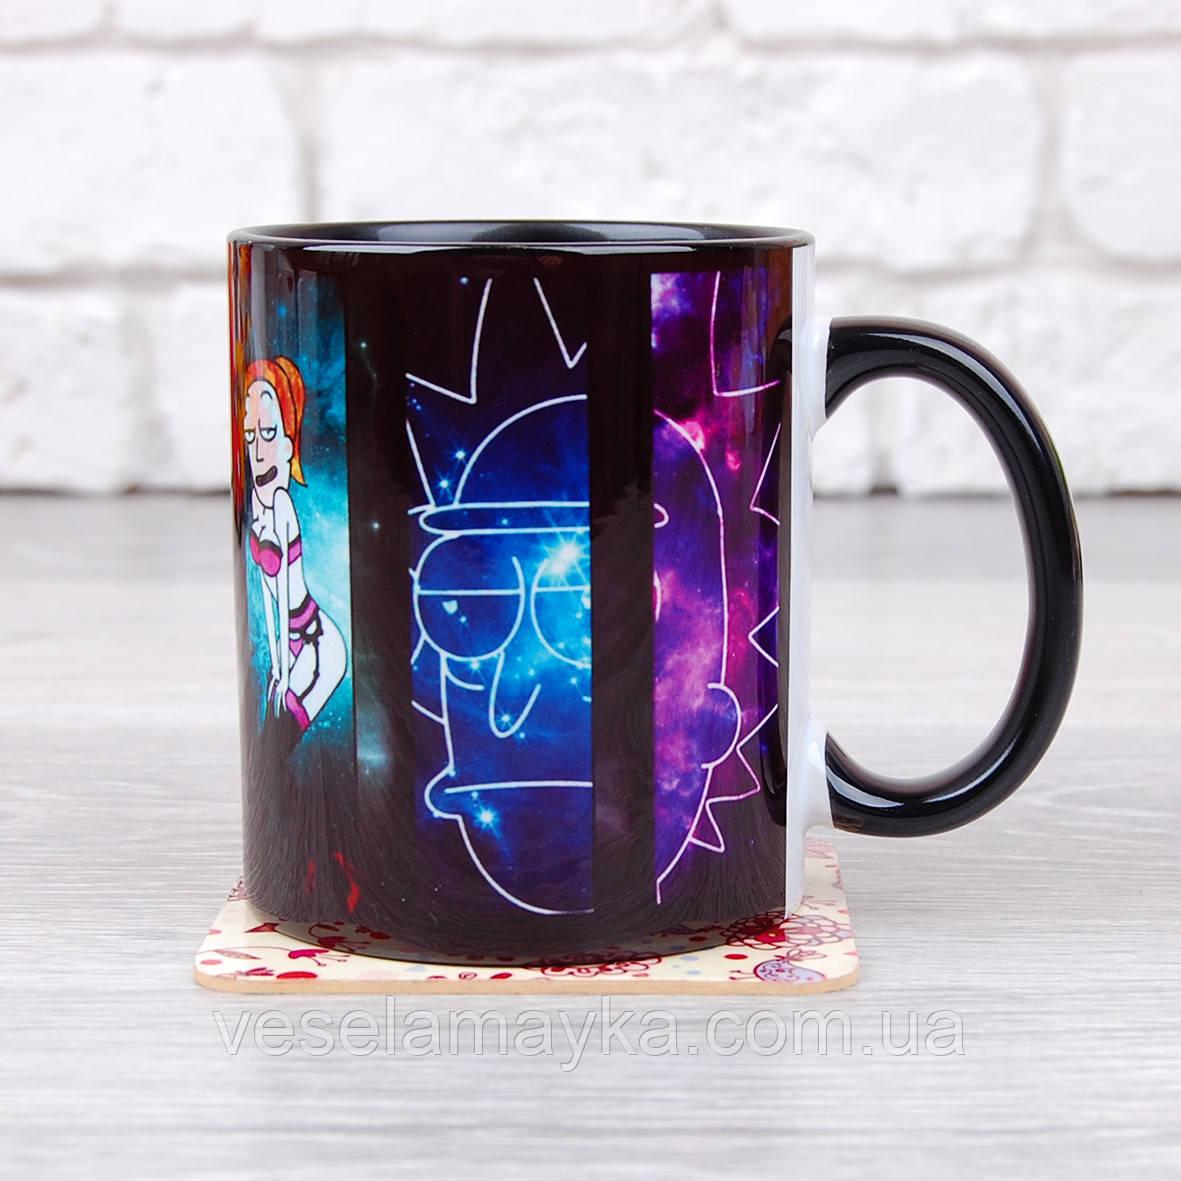 Чашка Rick and Morty 13 (Рик и Морти)